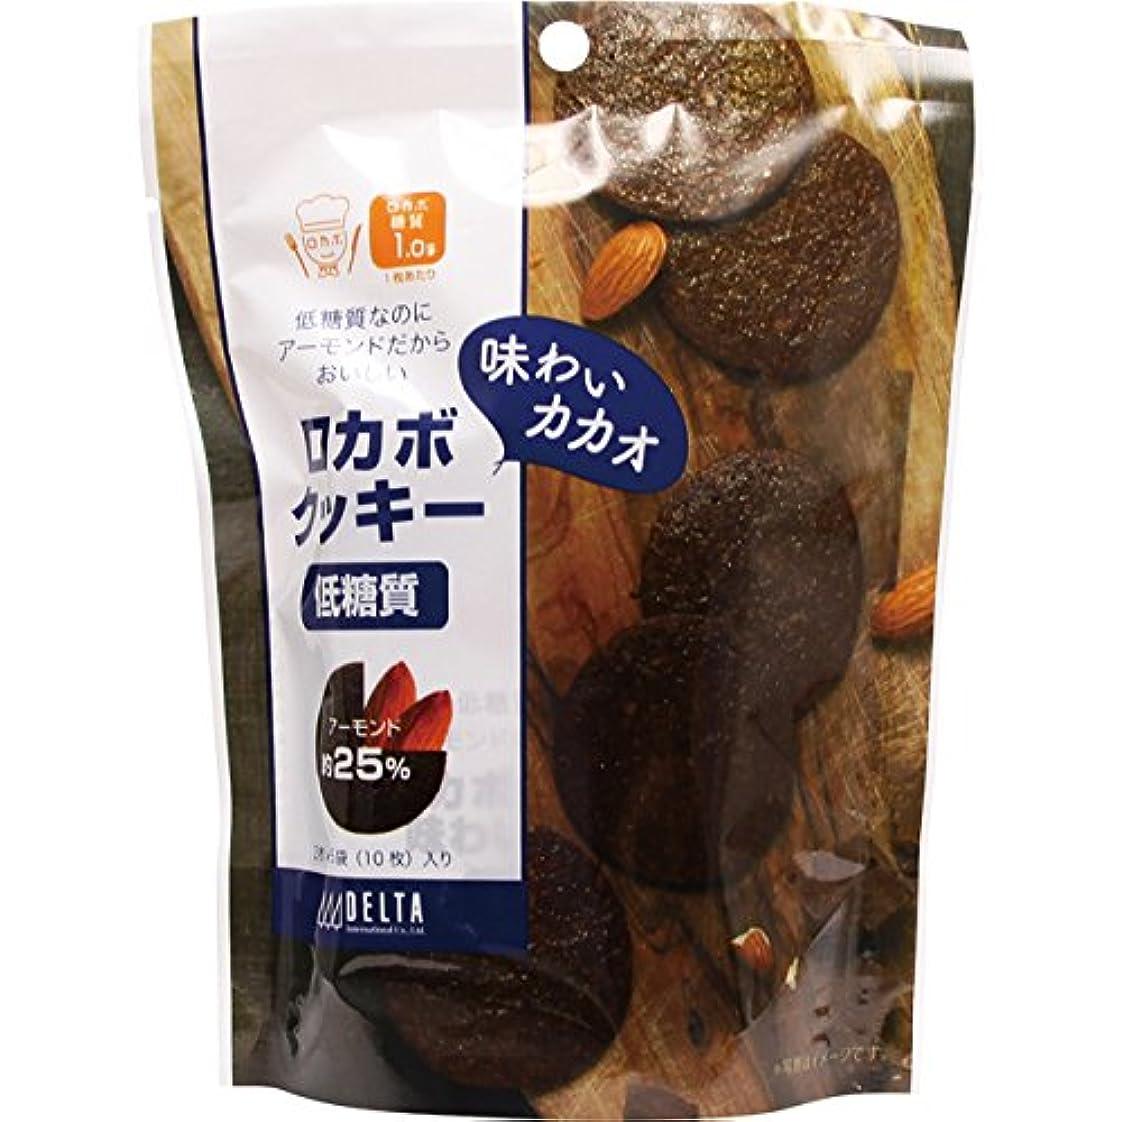 環境保護主義者ジャンクスキニーデルタ 低糖質 ロカボクッキー 味わいカカオ 10枚【5個セット】